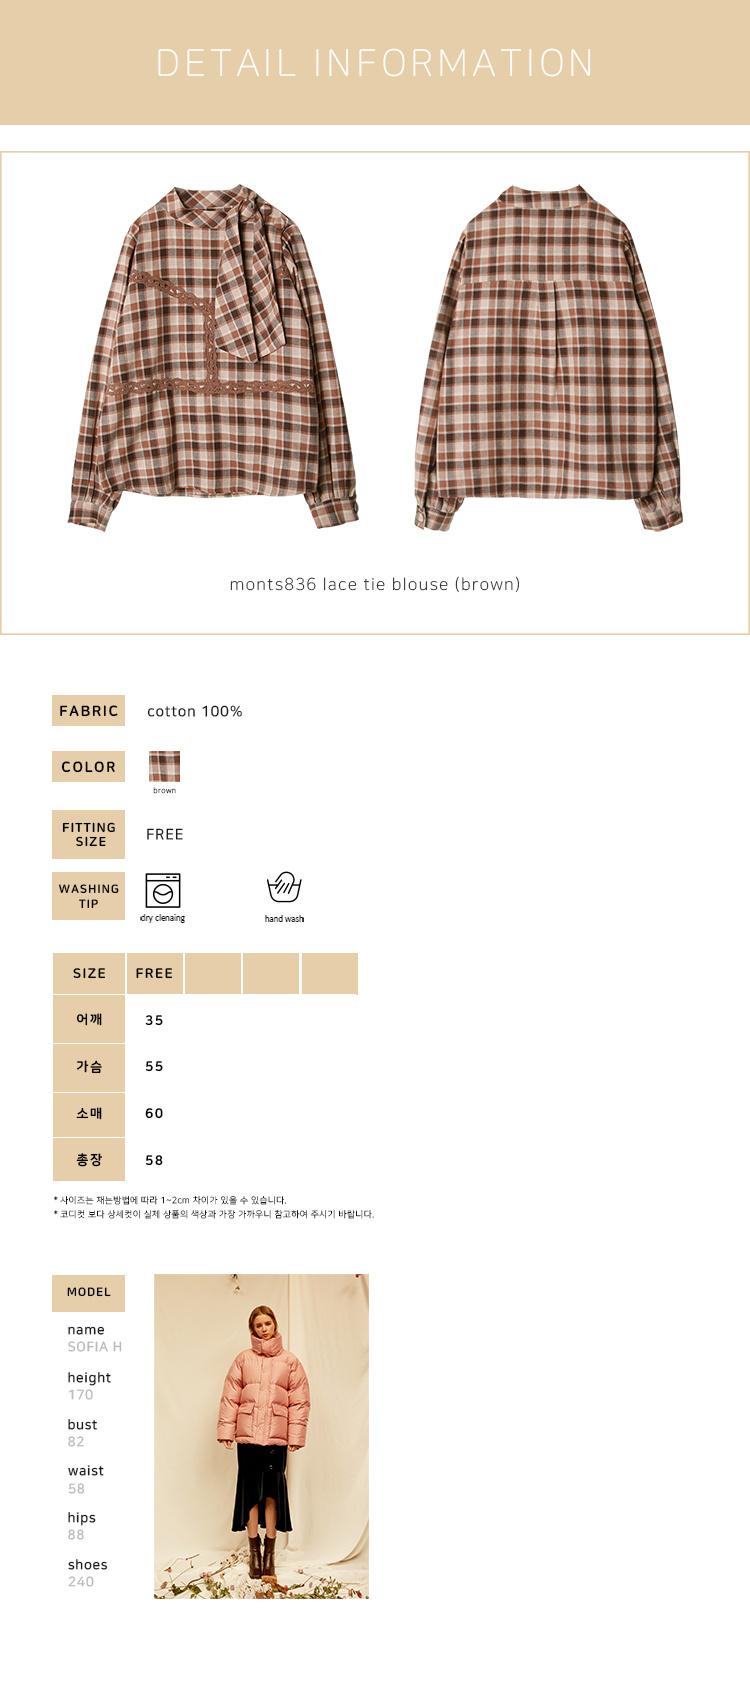 몬츠(MONTS) 836 lace tie blouse (brown)